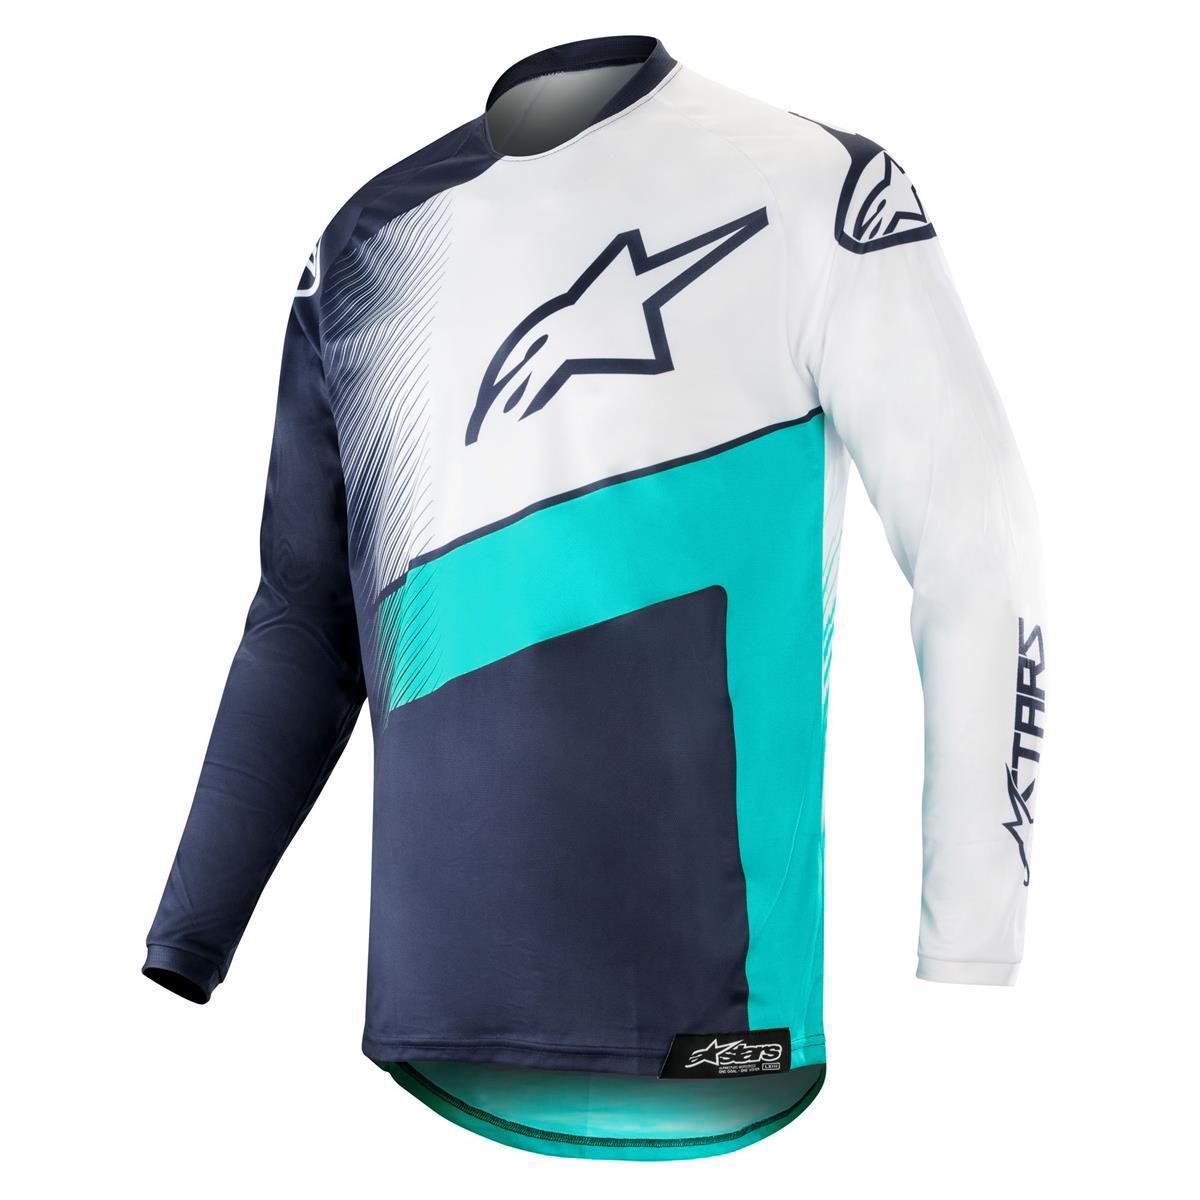 Alpinestars Jersey Racer Supermatic - Dark Navy/Teal/Weiß